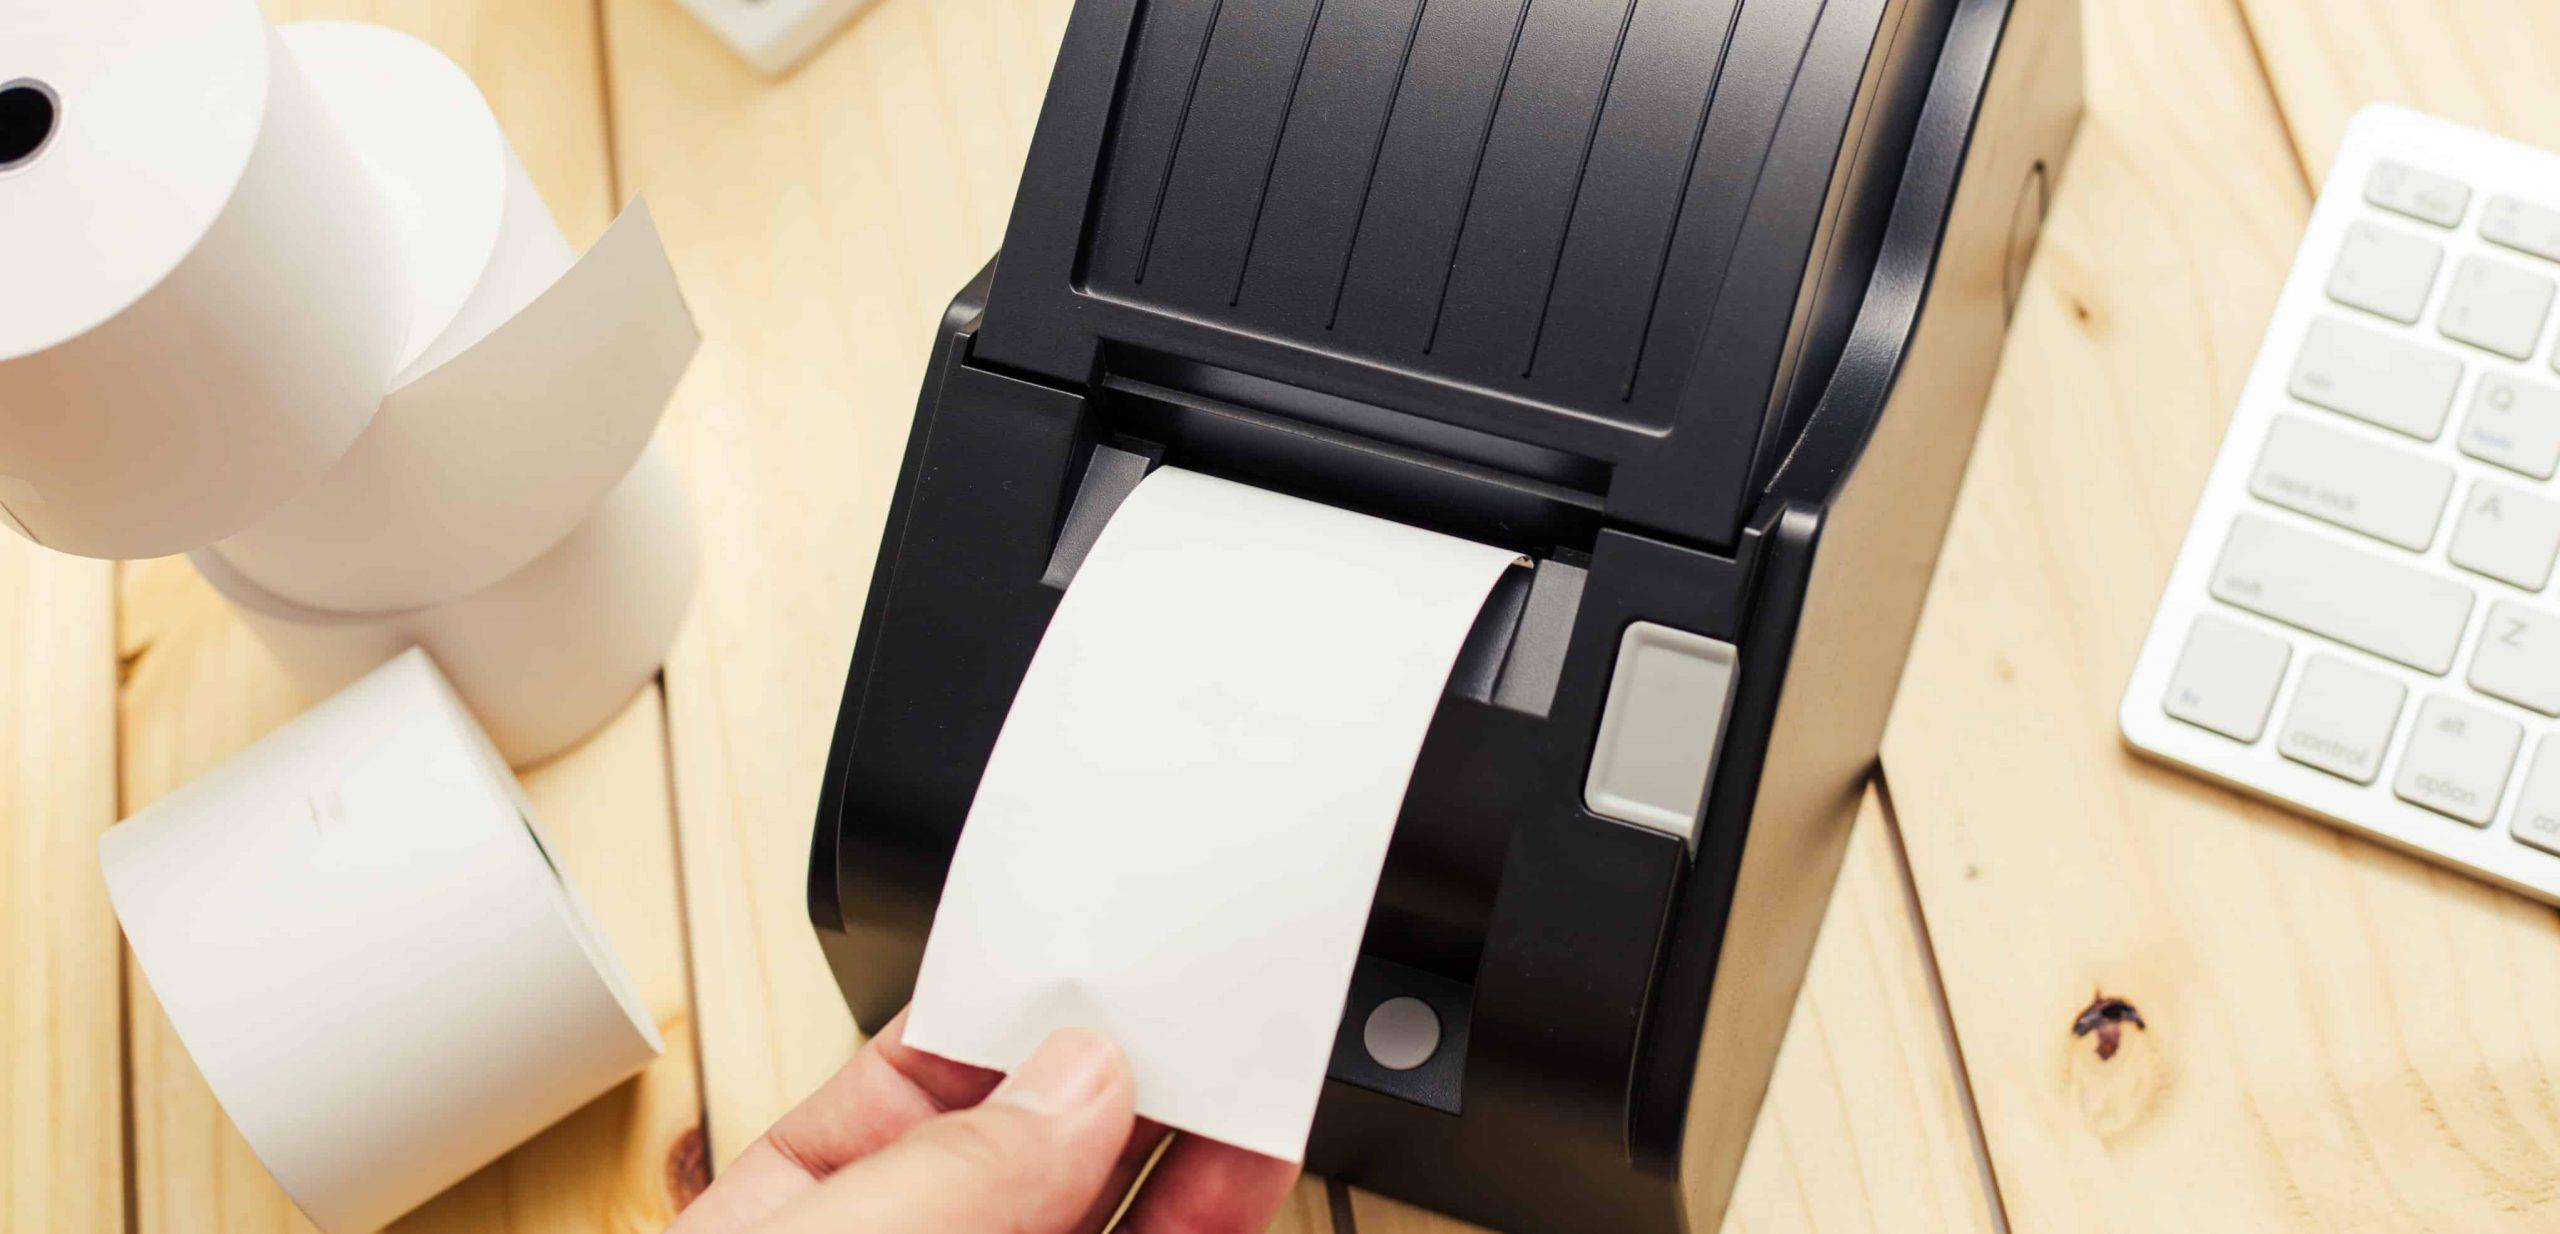 Miglior stampante termica 2020: Guida all'acquisto